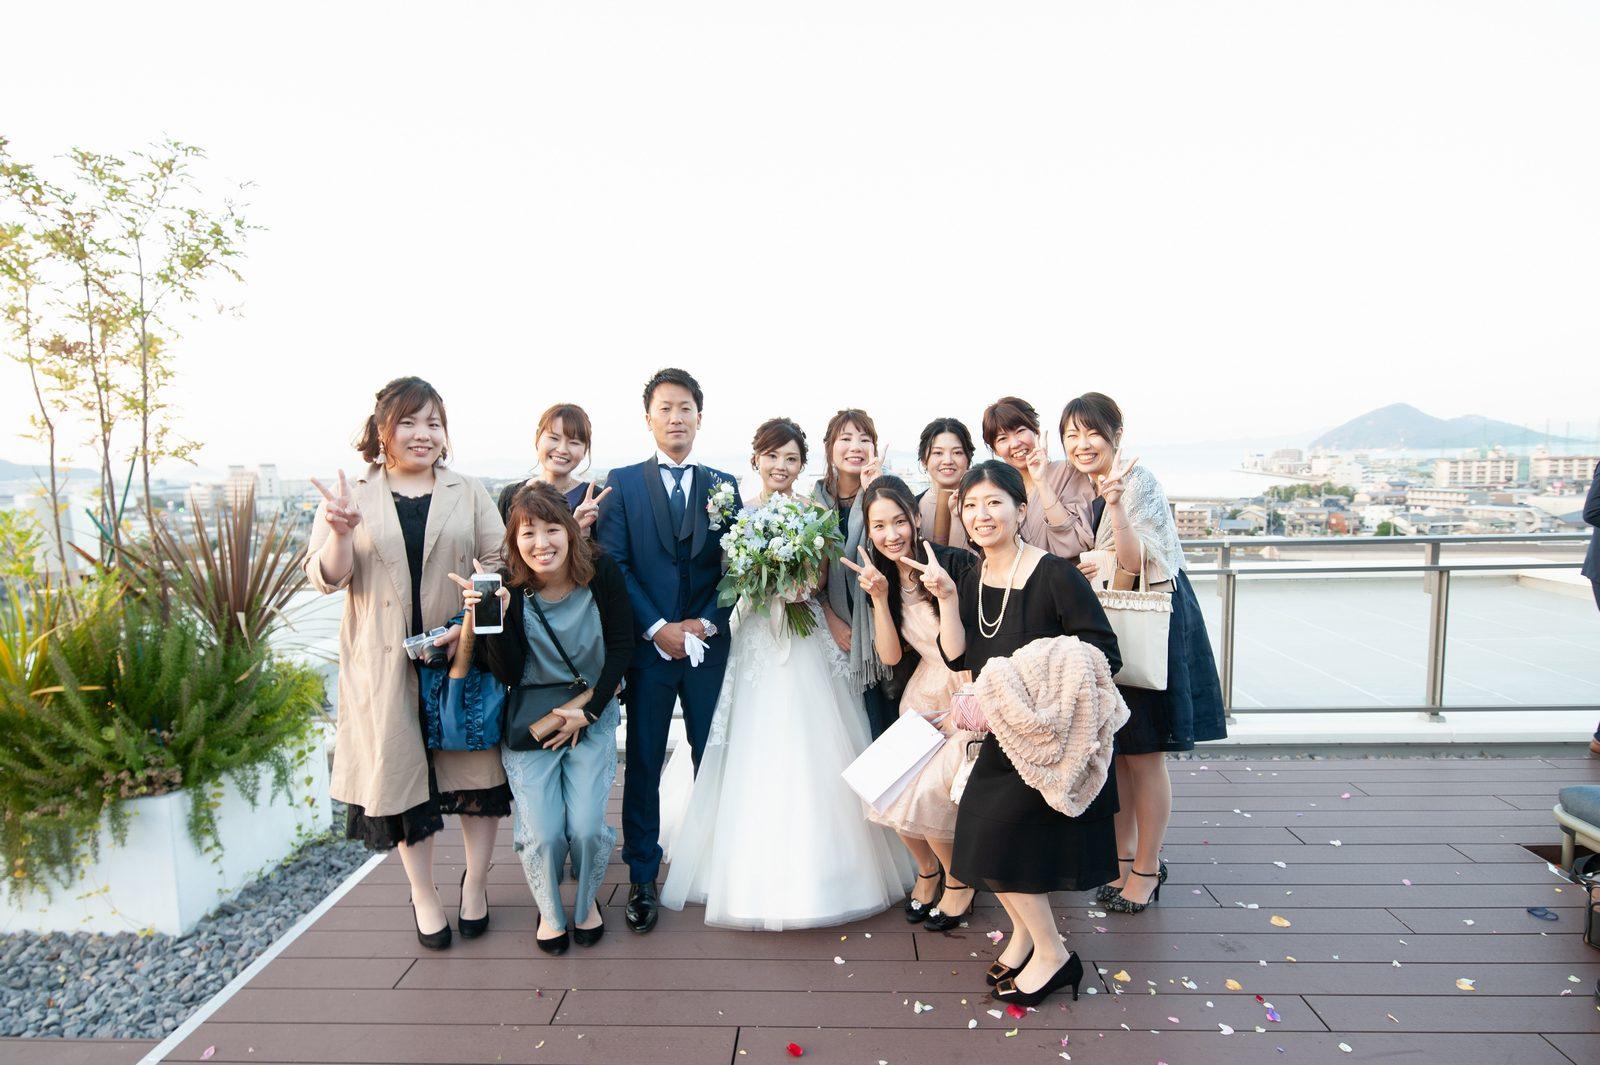 香川県高松市の結婚式場アナザースタイルのテラスで記念撮影